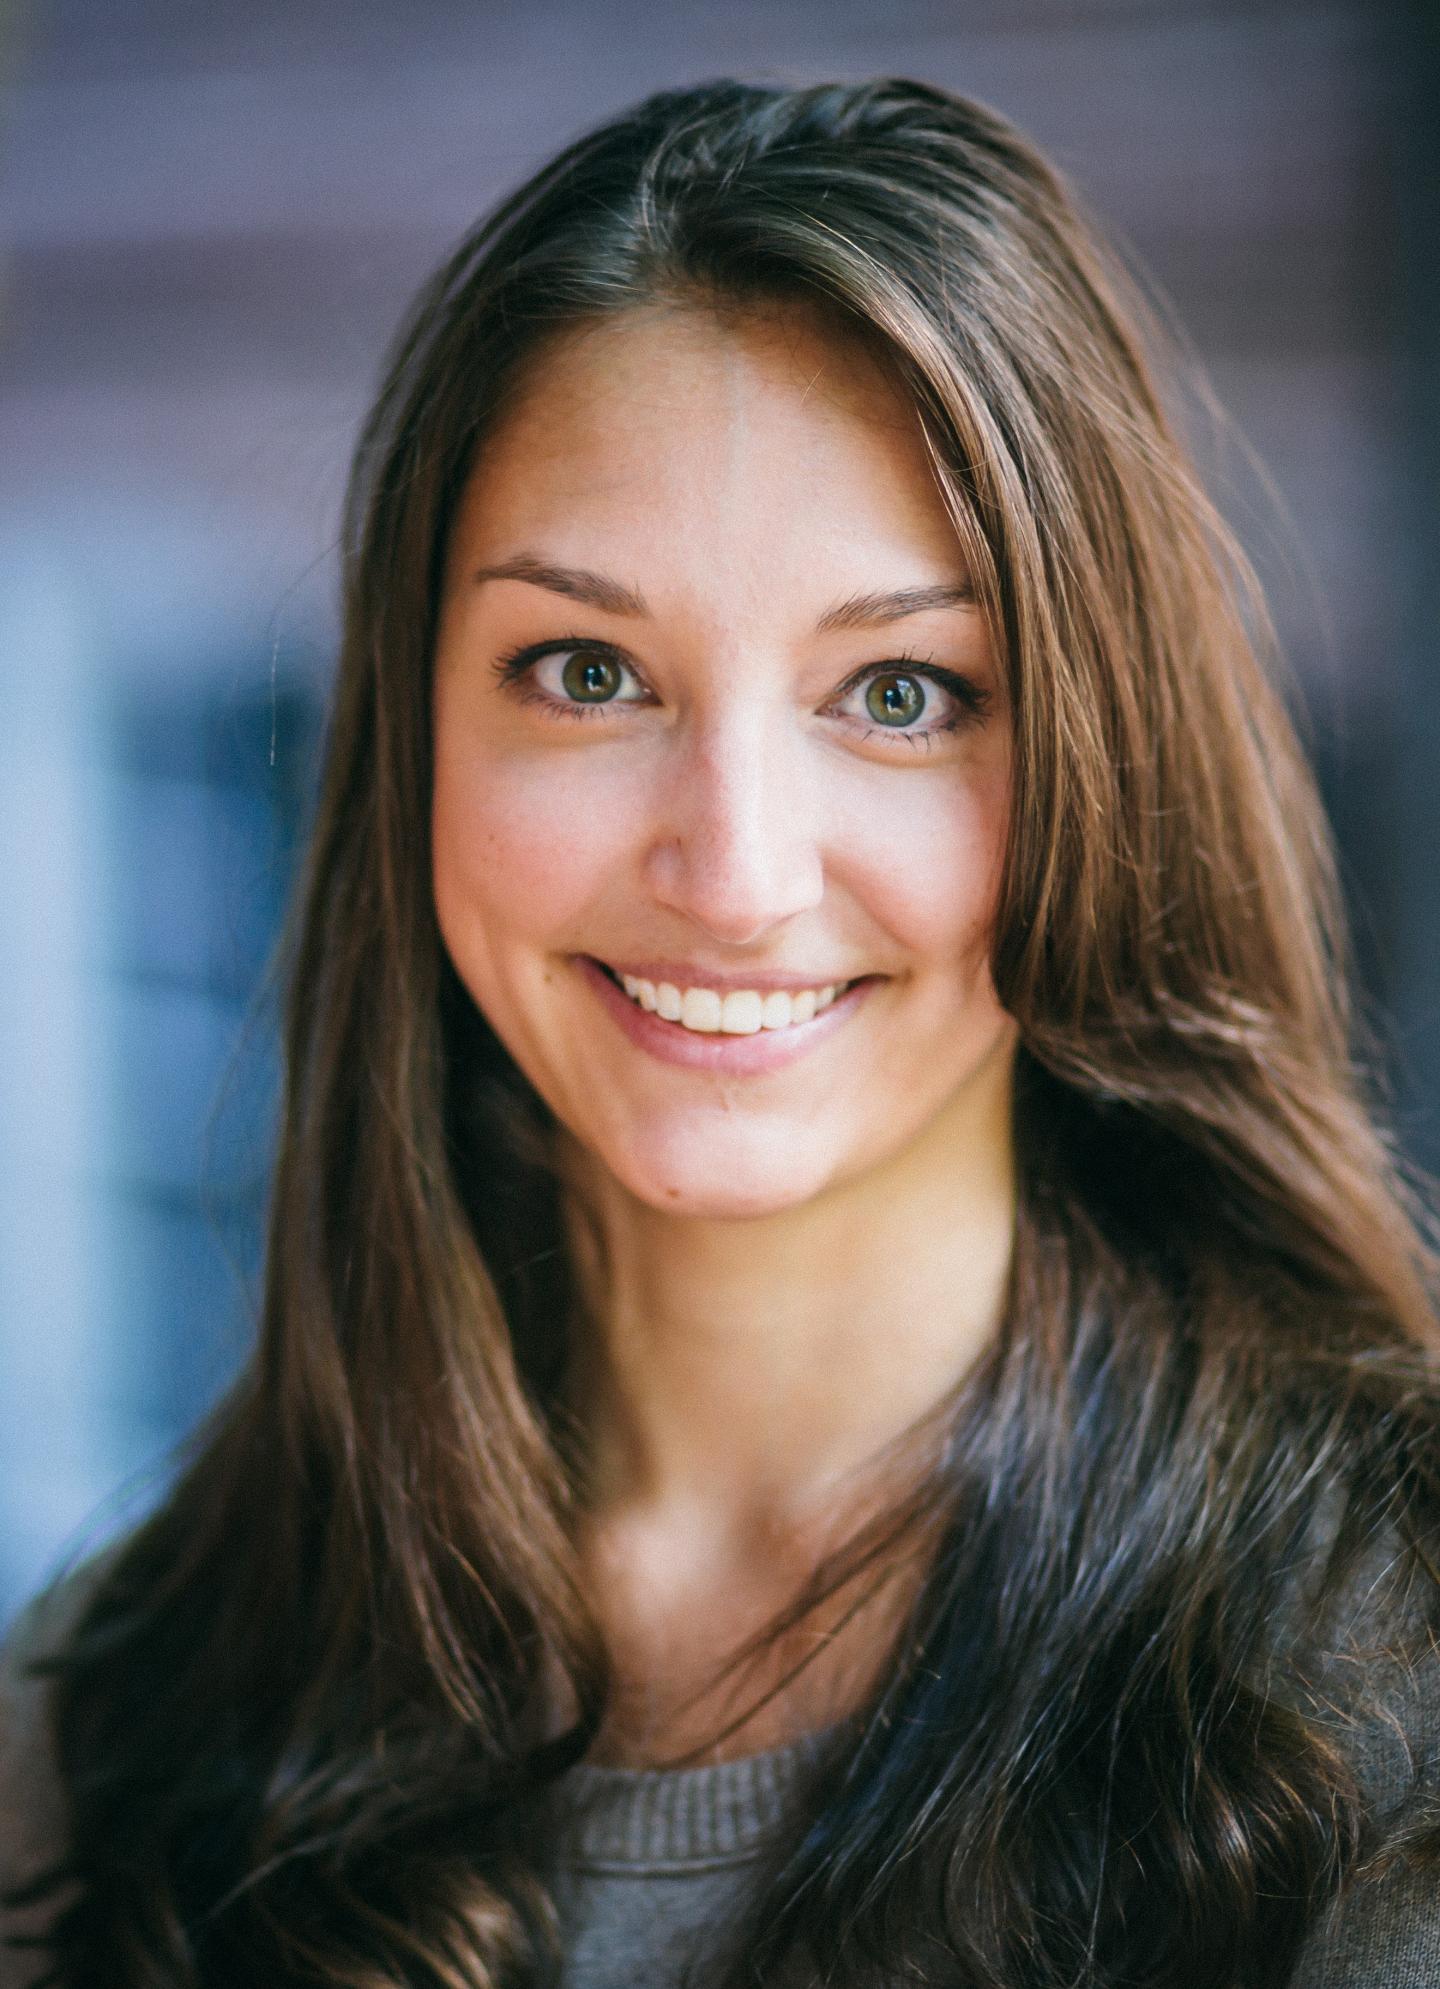 Penn Nursing's Karen Lasater